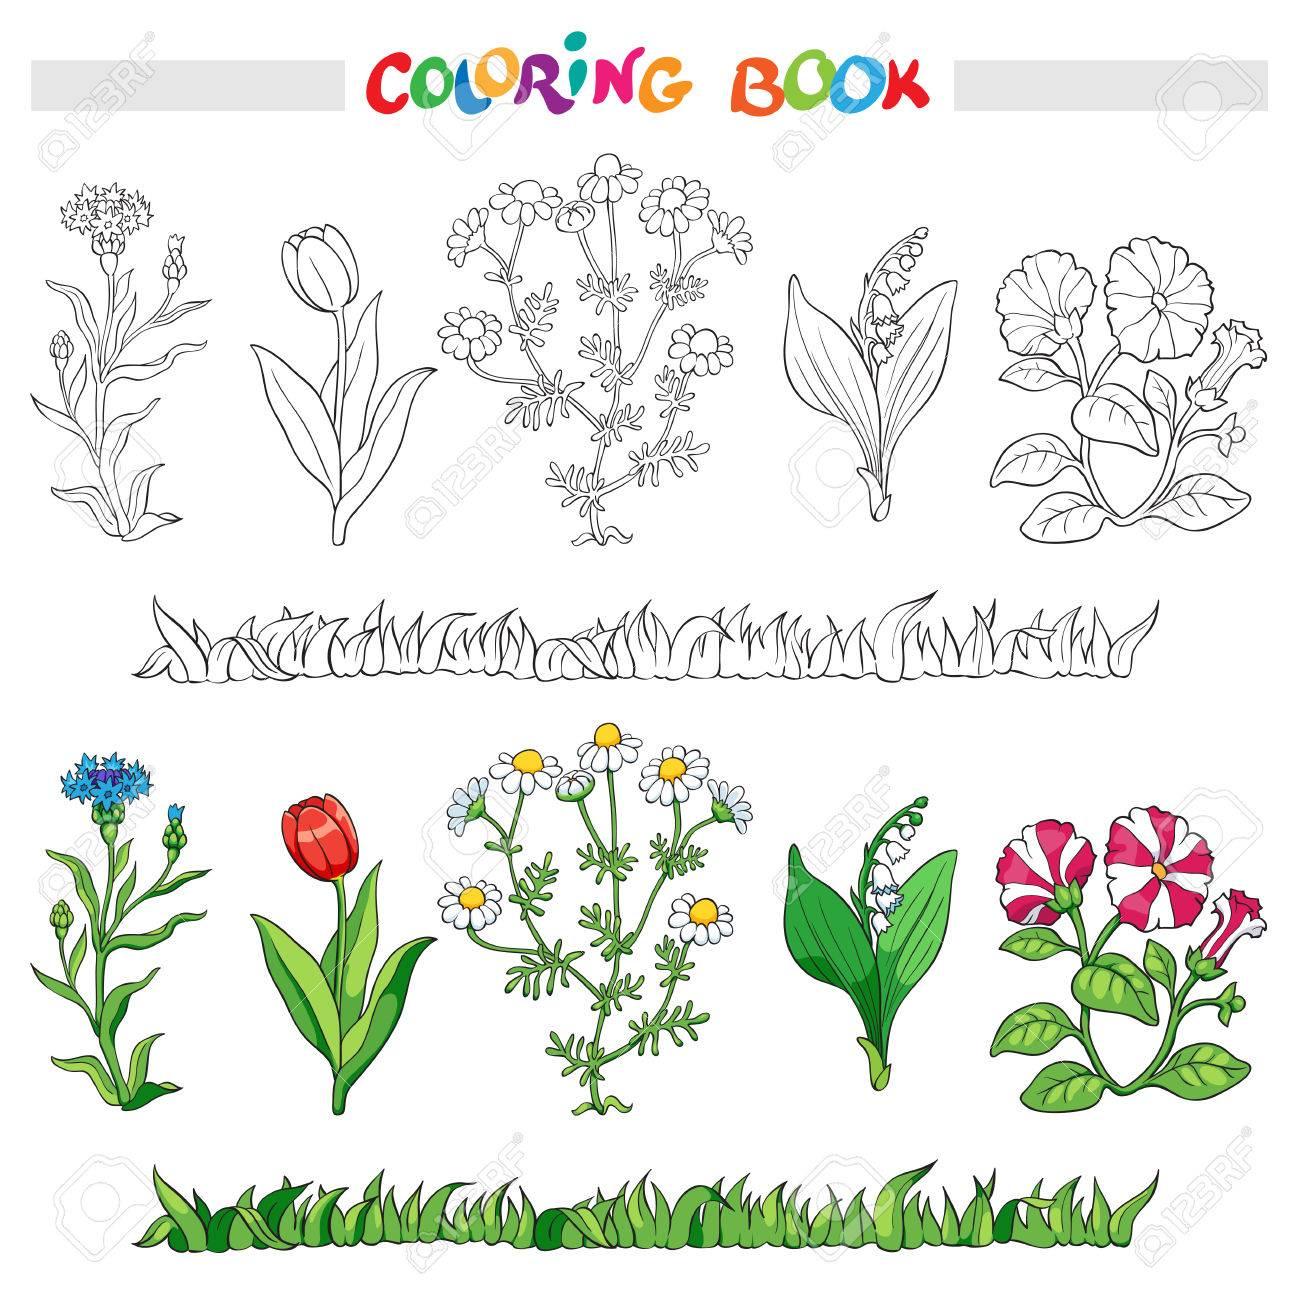 Libro Para Colorear O Una Página Con Harina De Maíz, Flor, Margarita ...